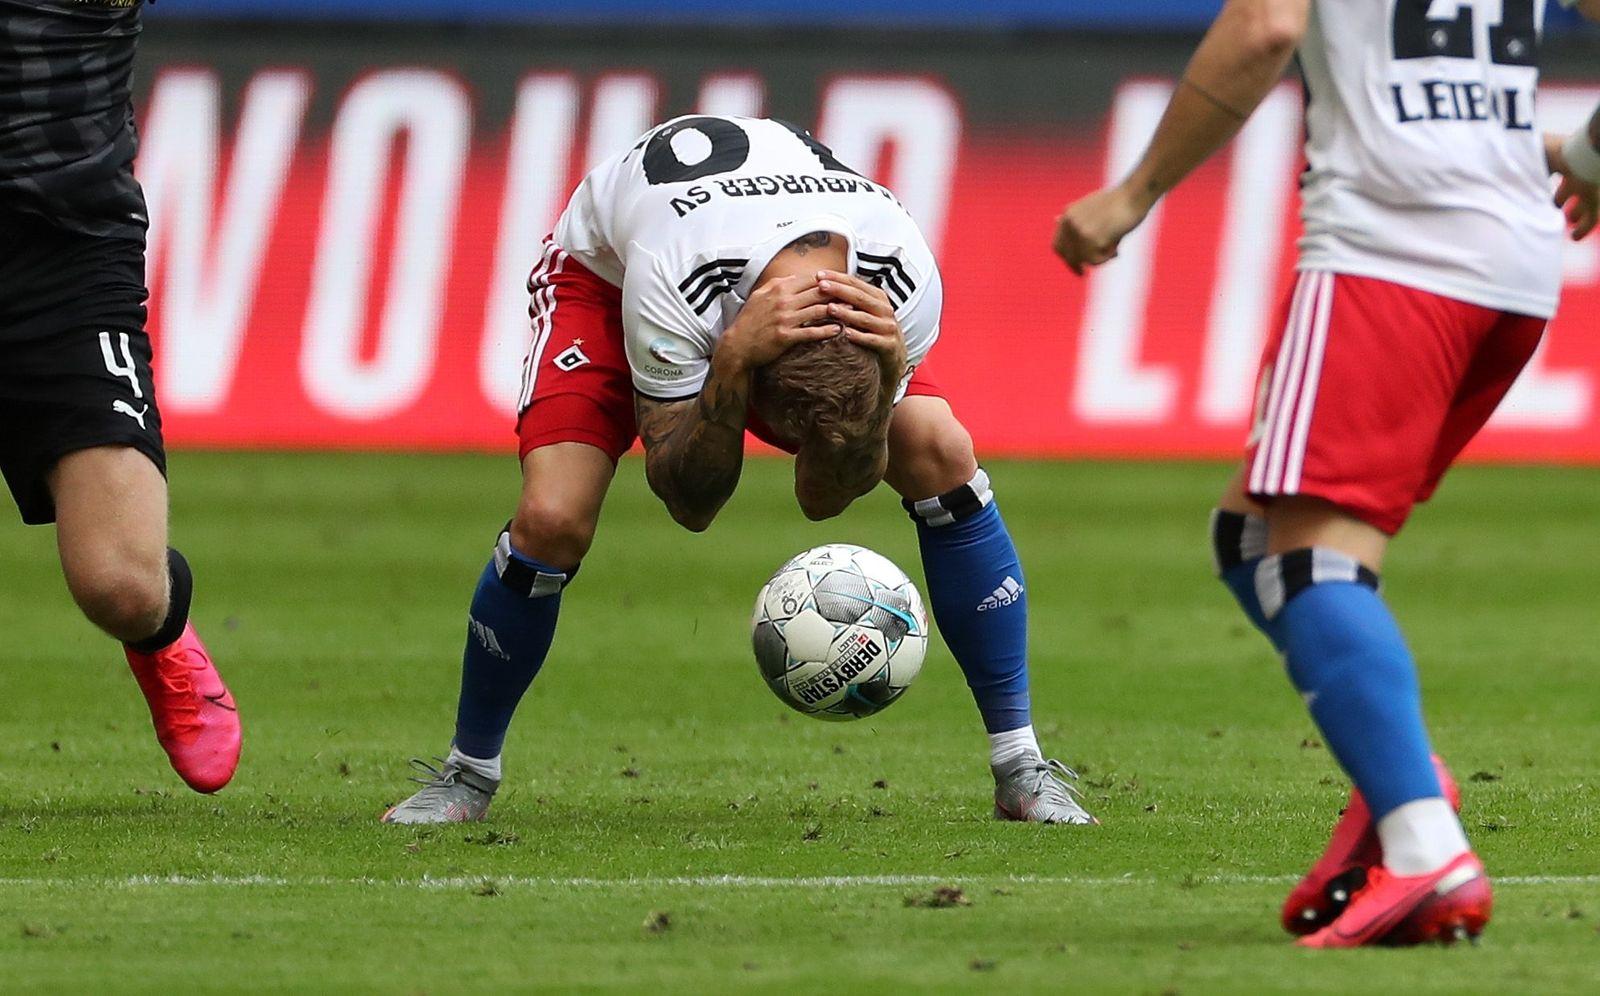 Hamburger SV vs SV Sandhausen, Hamburg, Germany - 28 Jun 2020